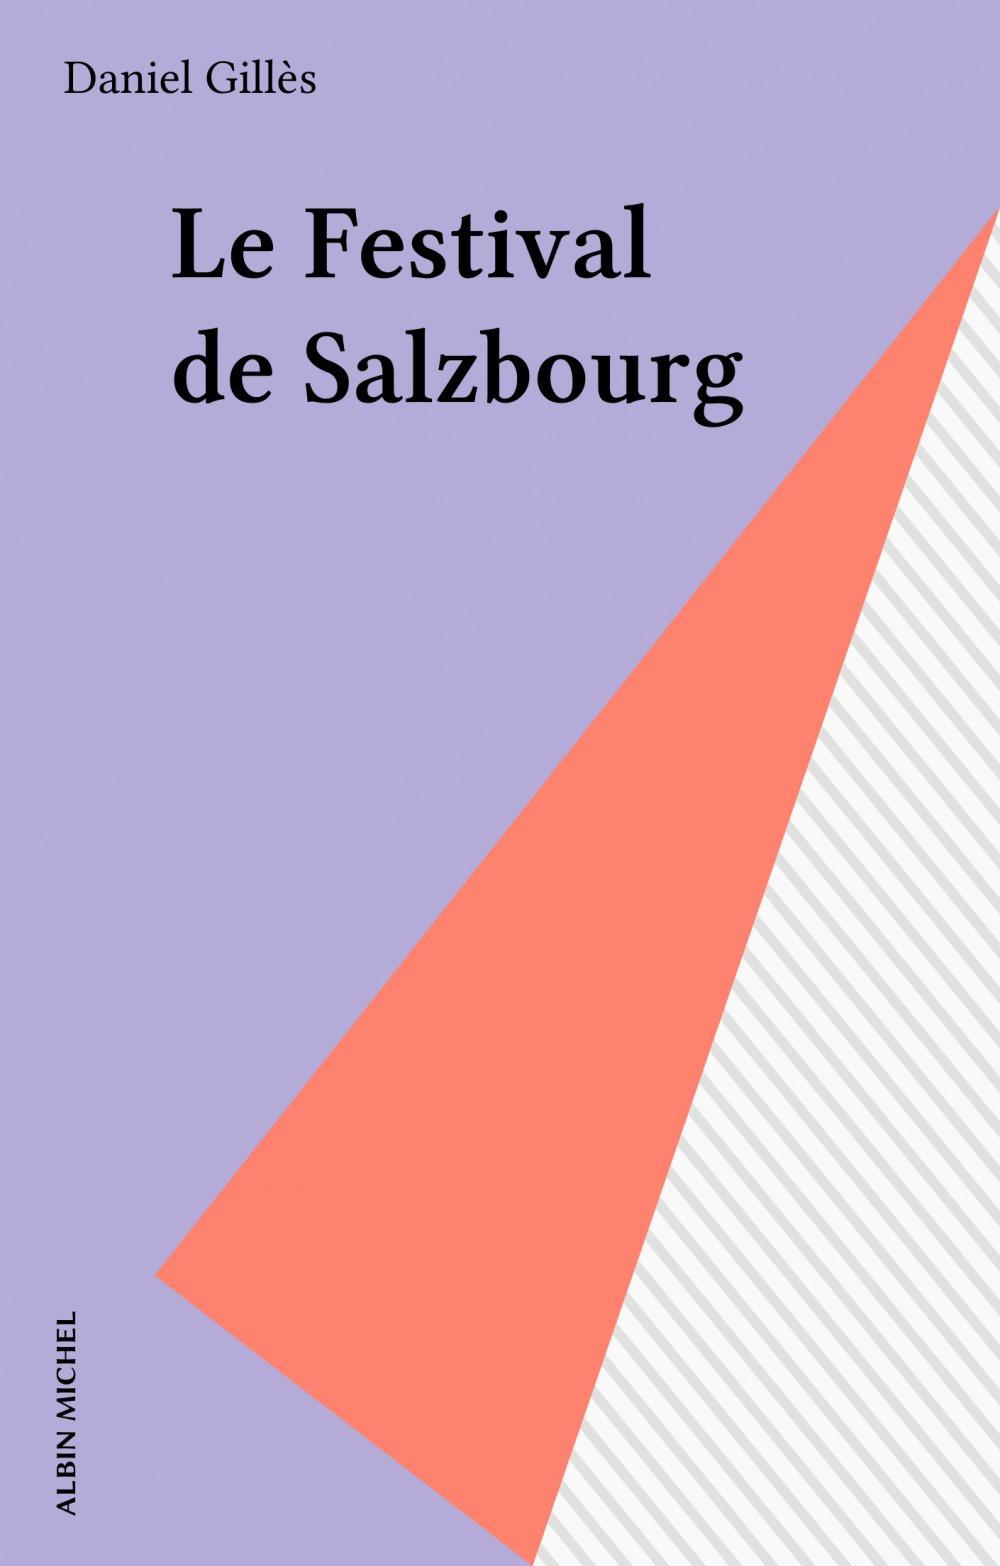 Le Festival de Salzbourg  - Daniel Gillès